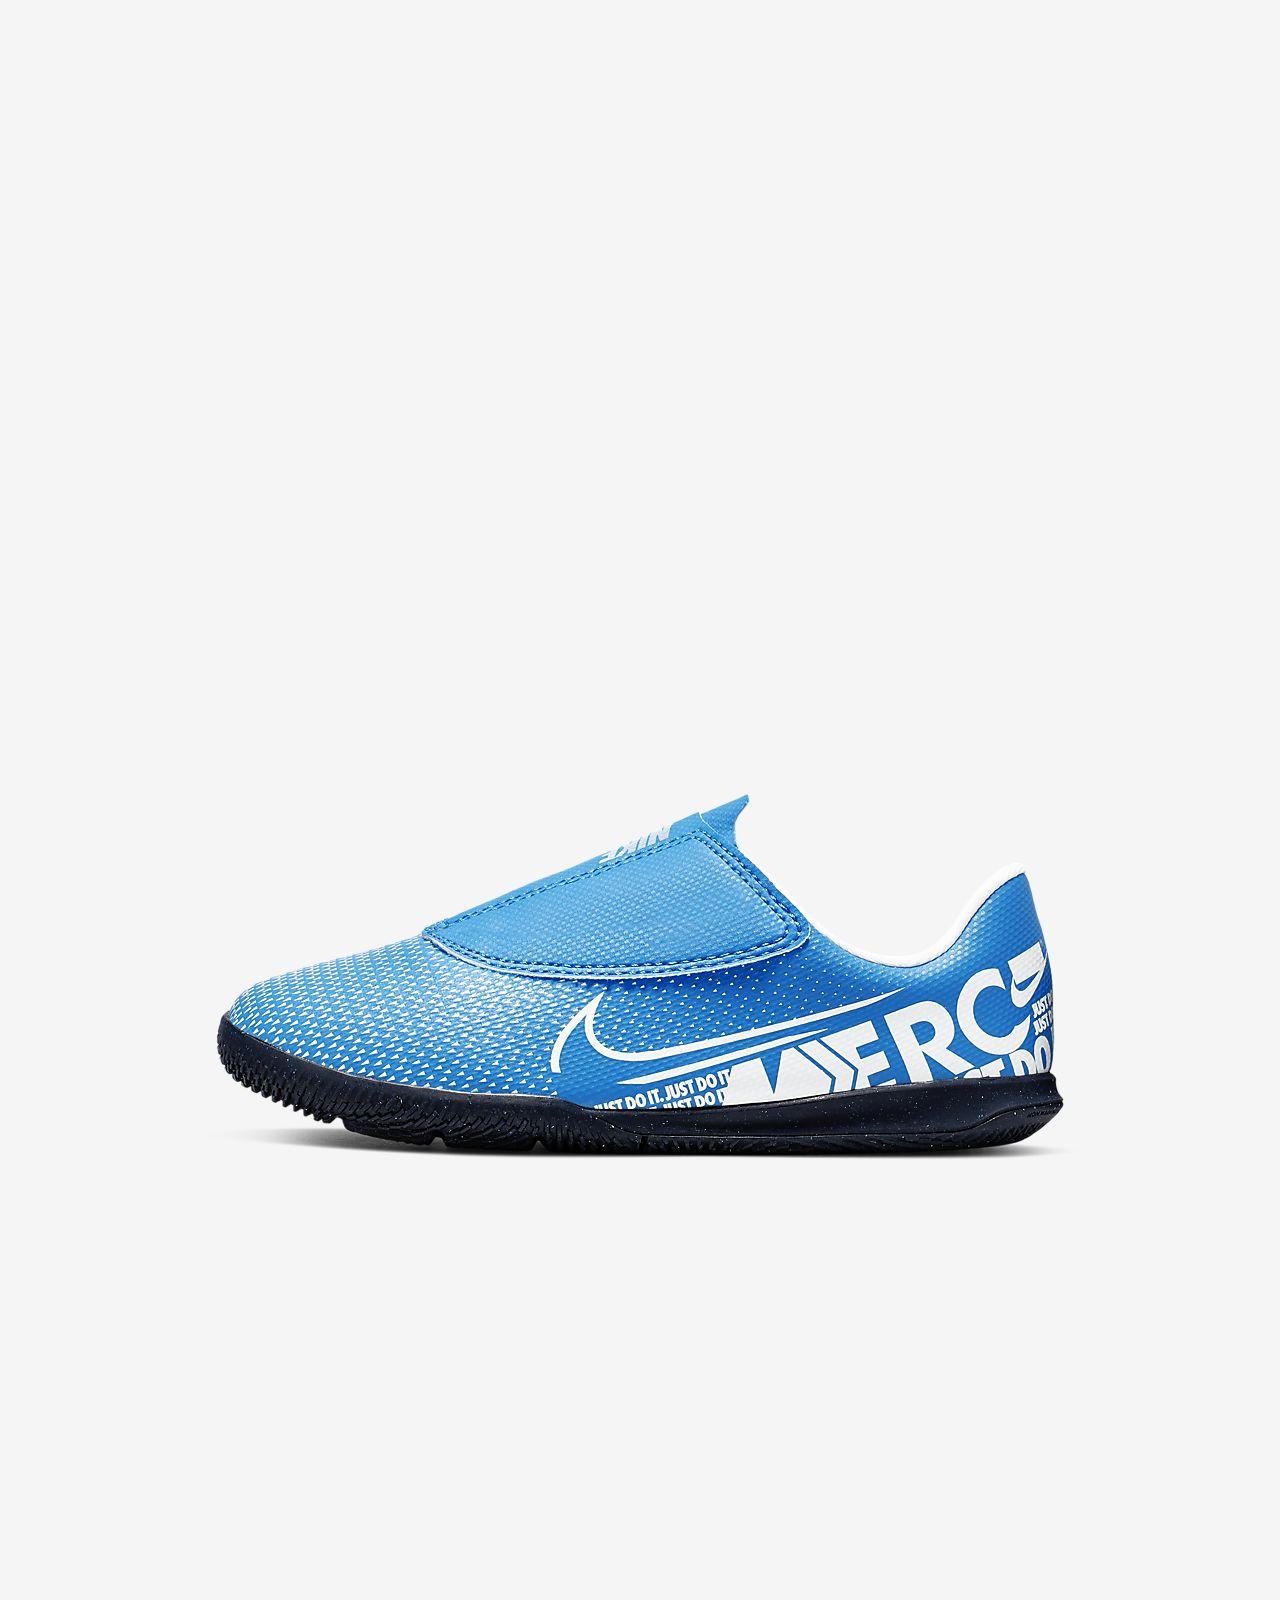 fashion styles look out for elegant shoes Nike Jr. Mercurial Vapor 13 Club IC Fußballschuh für Hallen- und Hartplätze  für Kleinkinder/jüngere Kinder